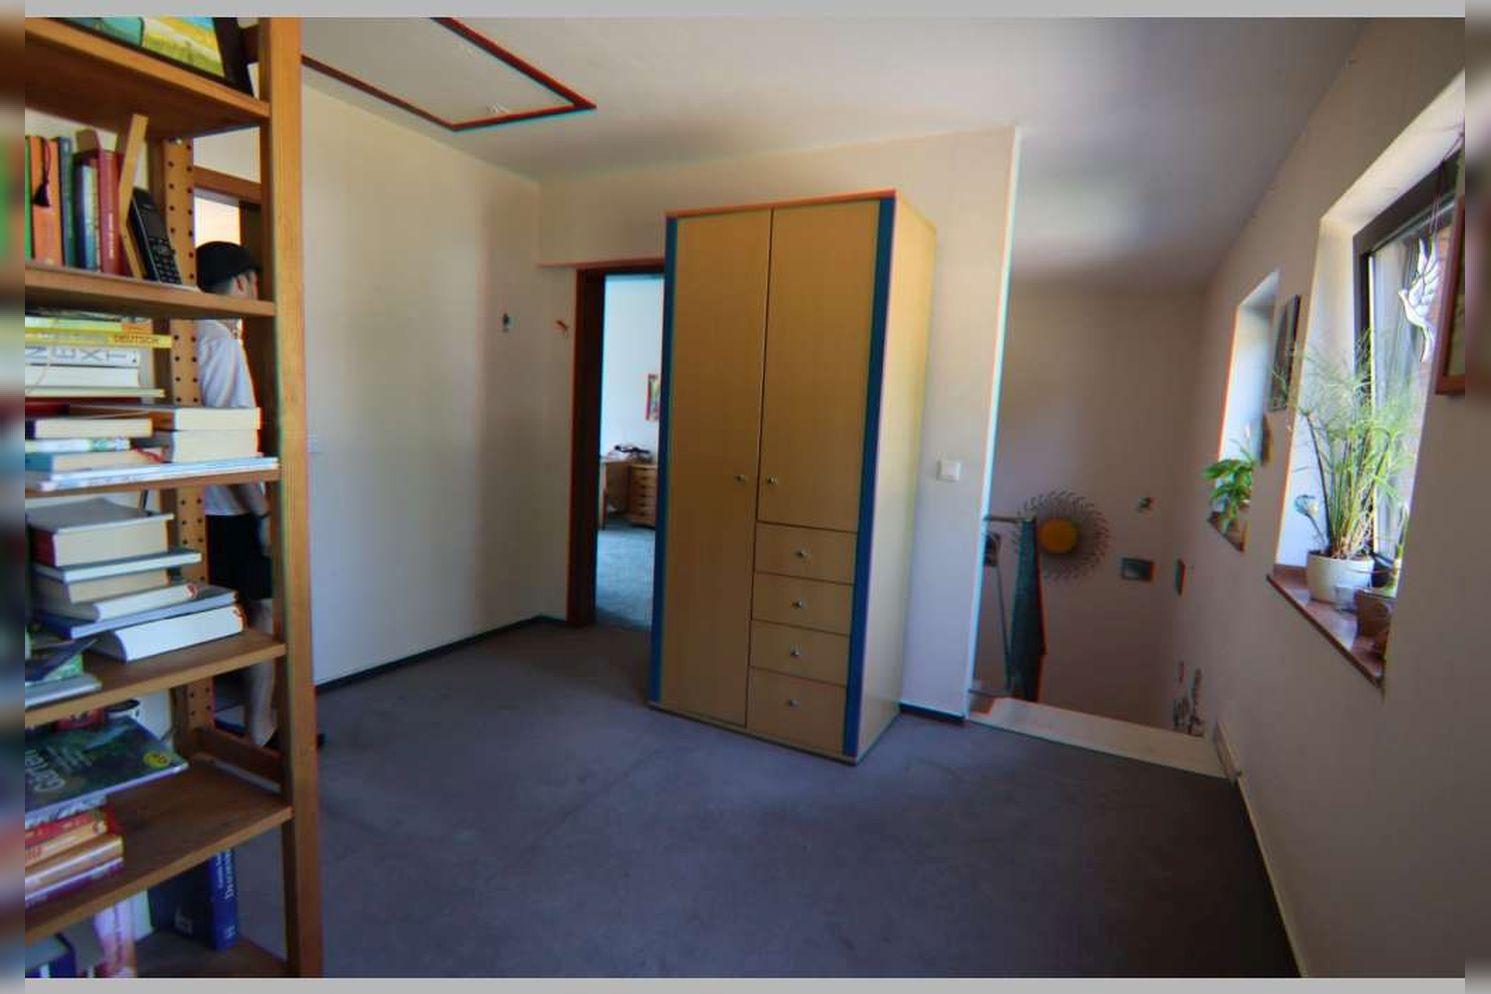 Immobilie Nr.0268 - Reihenmittelhaus mit 4 Zimmern, Küche, Diele, Badezimmer, Gäste-WC, Garten, Garage und Stellplätzen - Bild 16.jpg